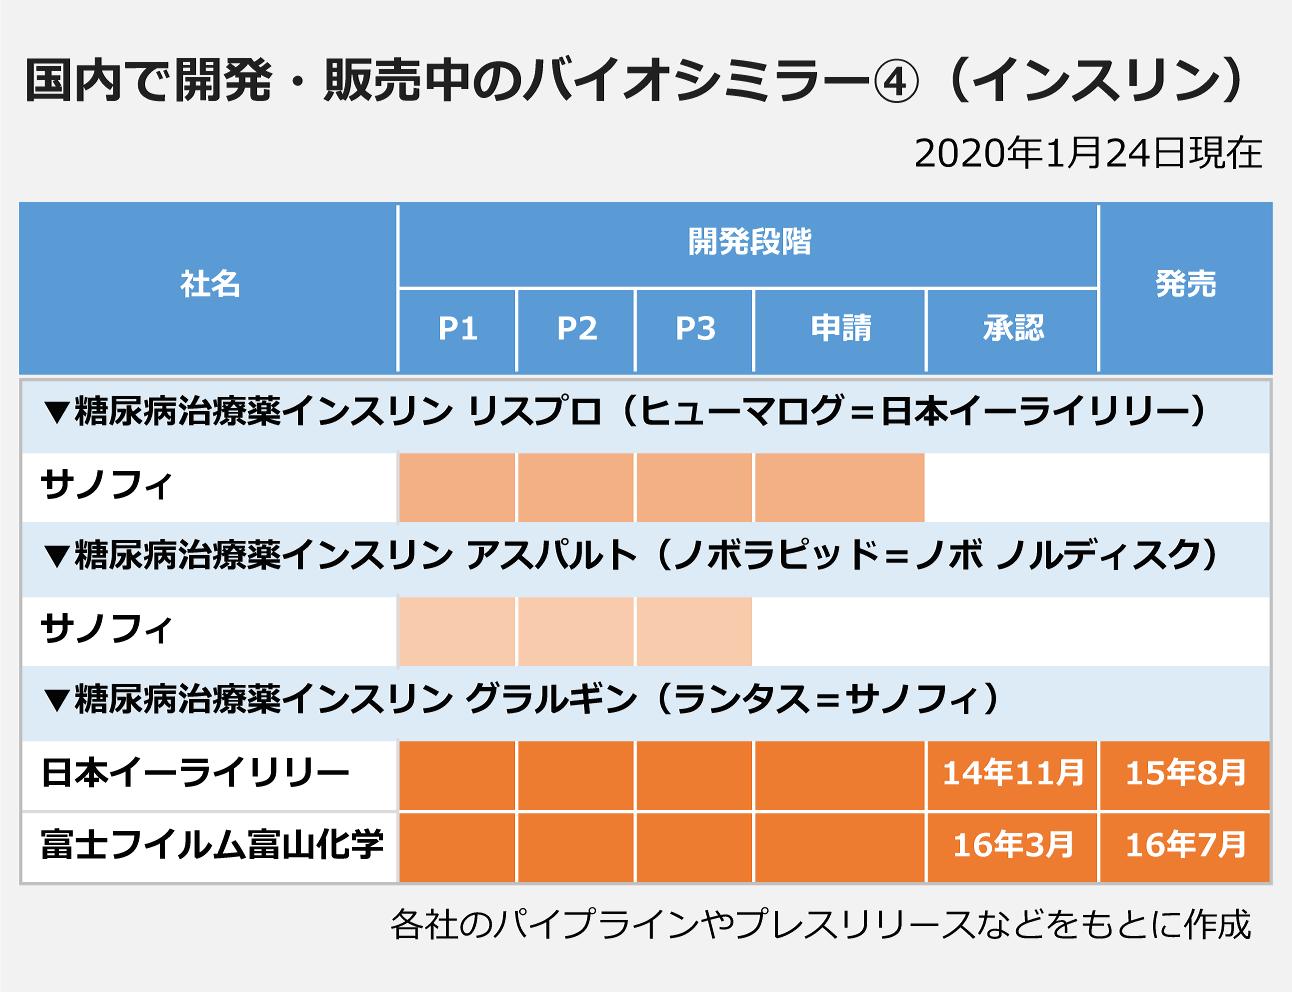 国内で開発・販売中のバイオシミラー4(インスリン)